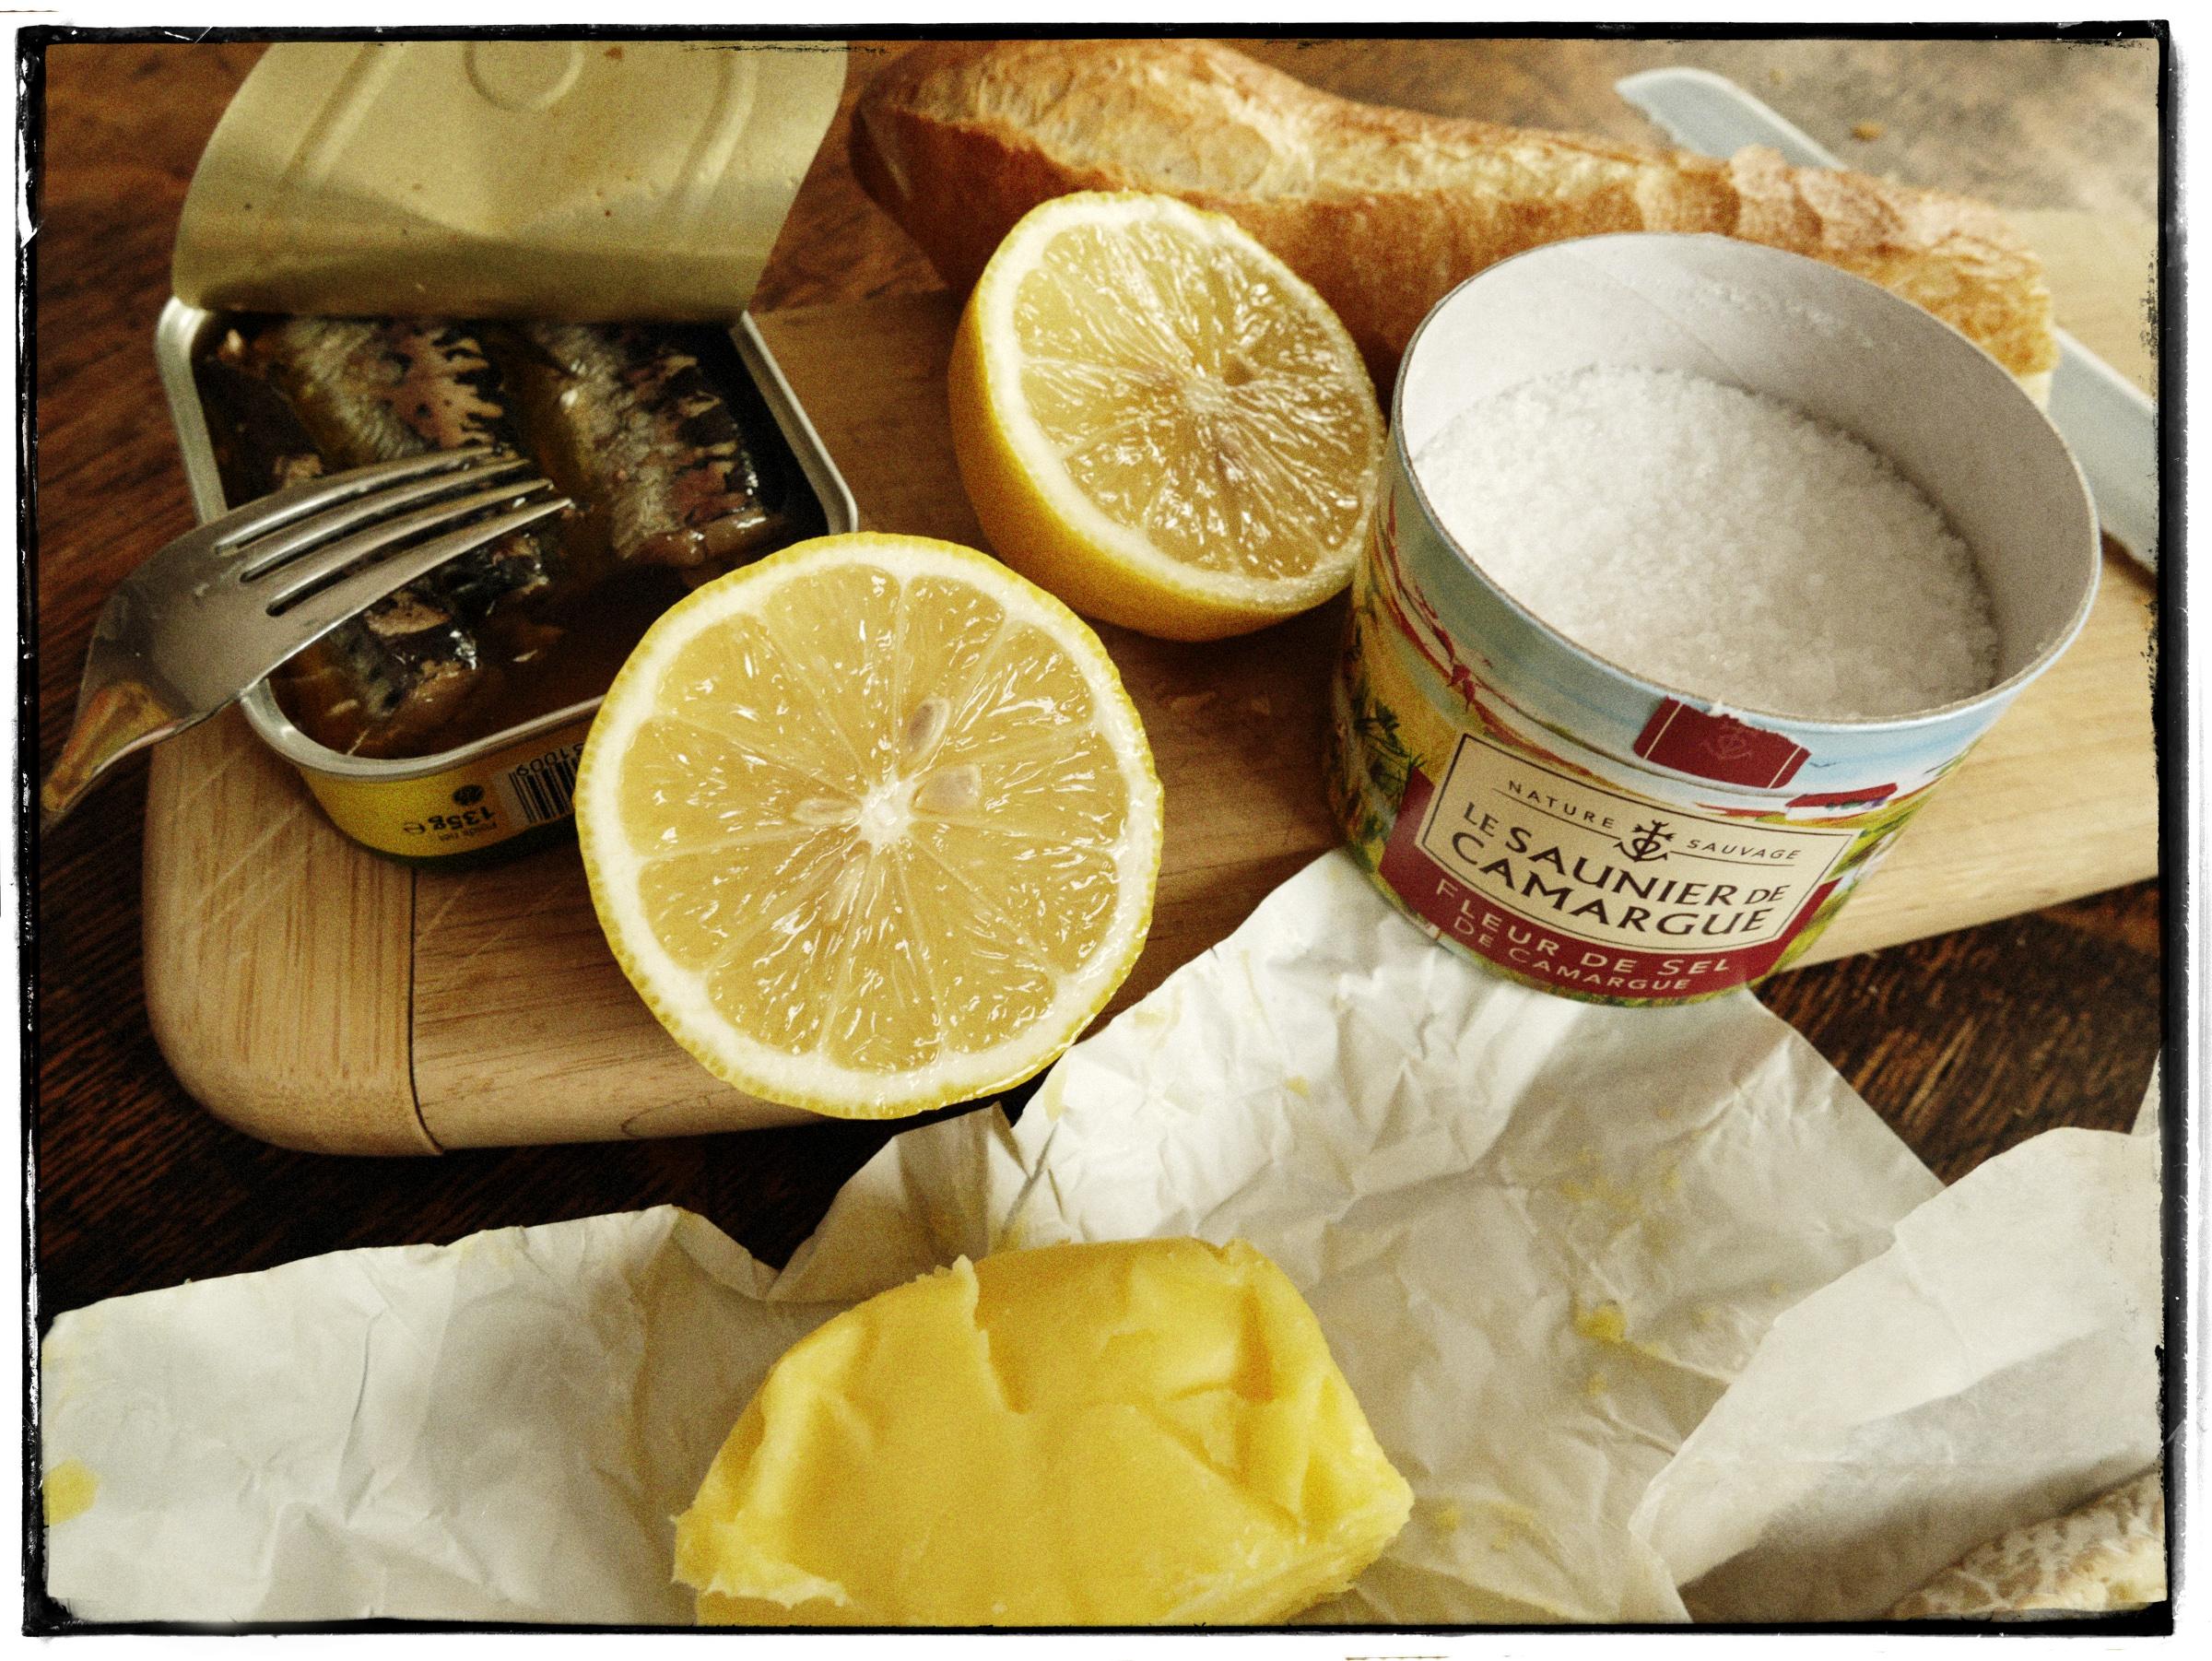 Sardine goodness